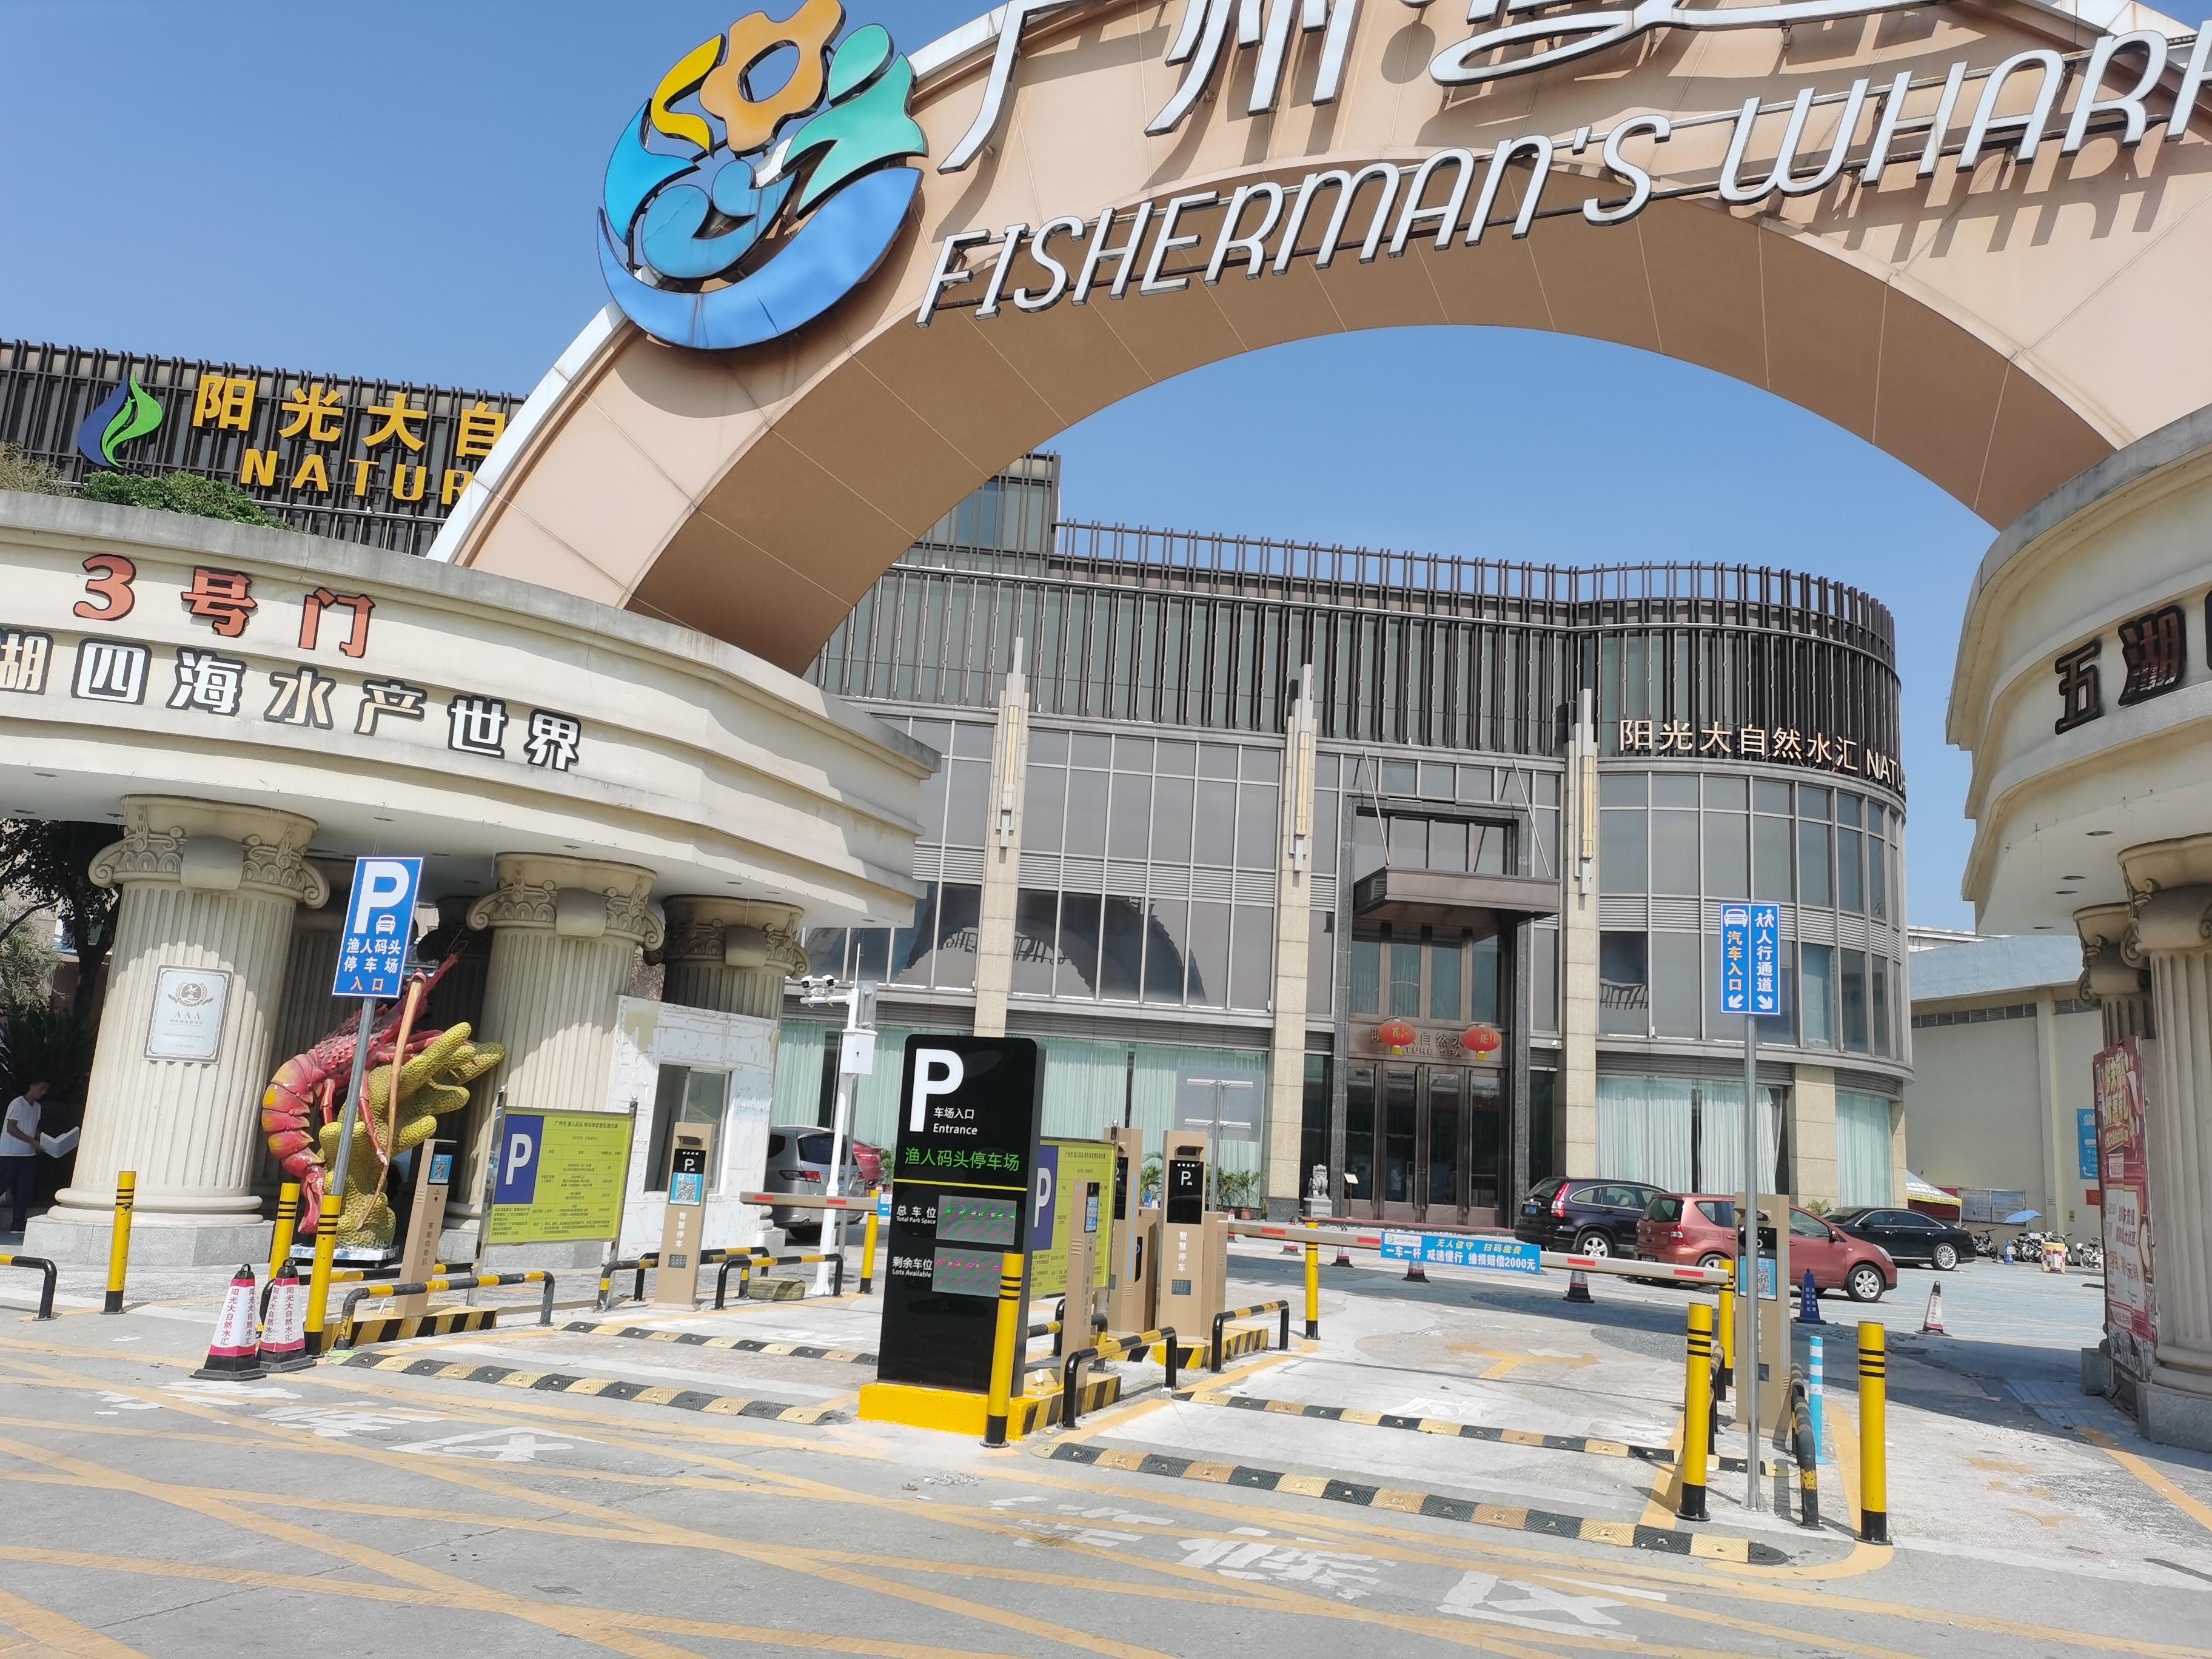 广州渔人码头